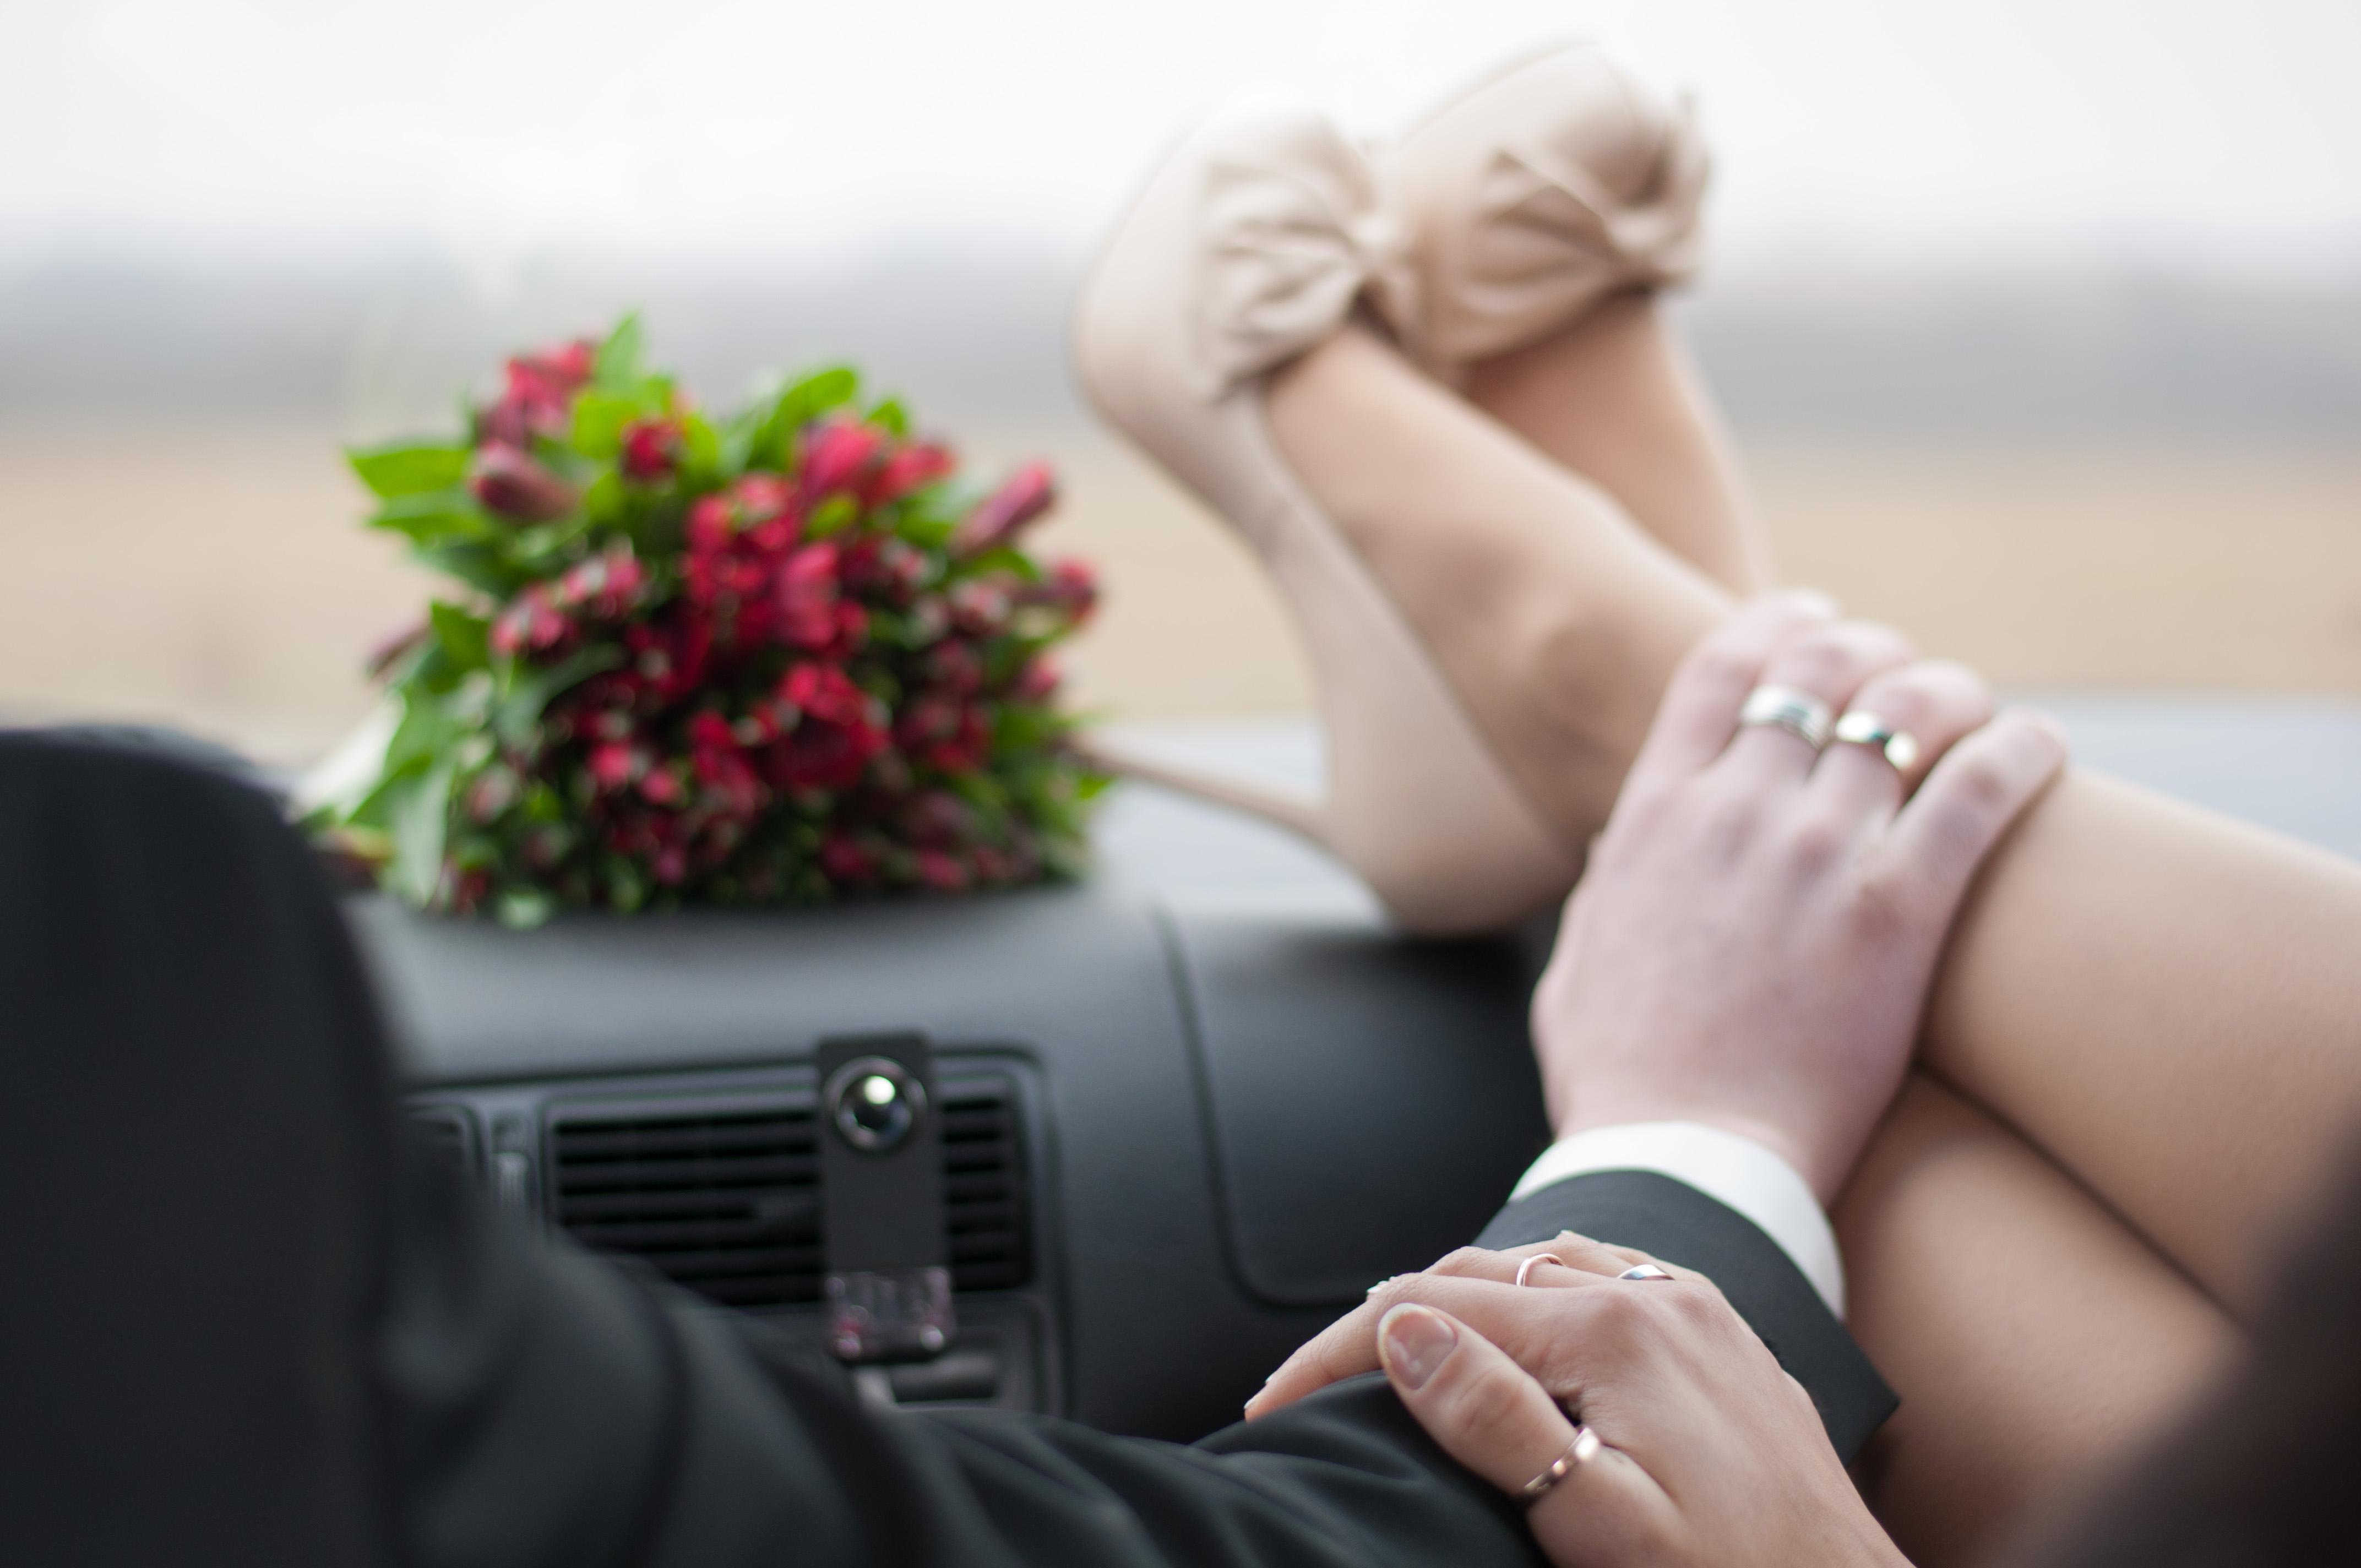 Целует ноги жене, Муж целует ноги жене - сборник красивых стихов в Доме 15 фотография